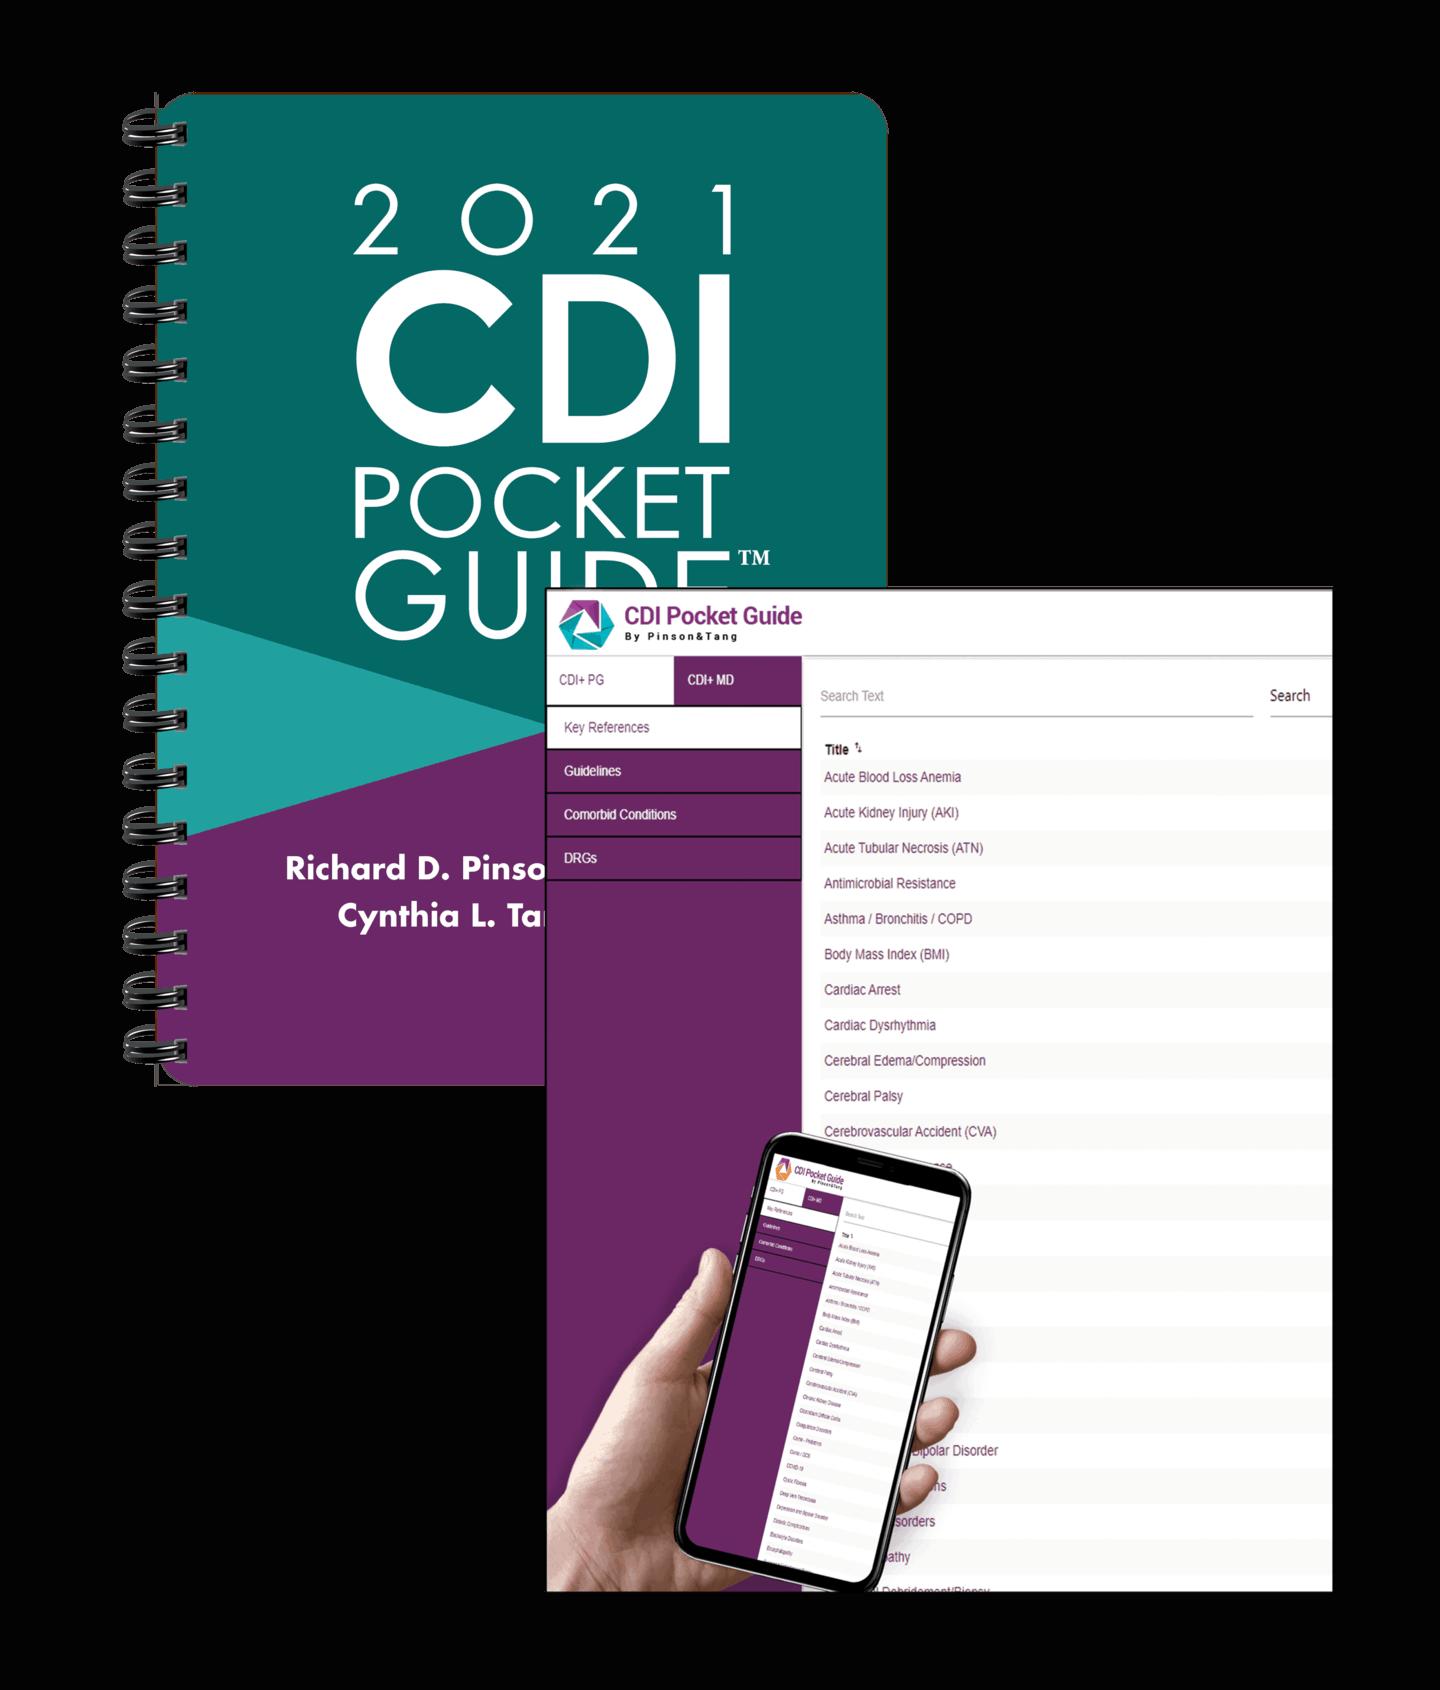 The Pinson and Tang 2020 CDI Pocket Guide